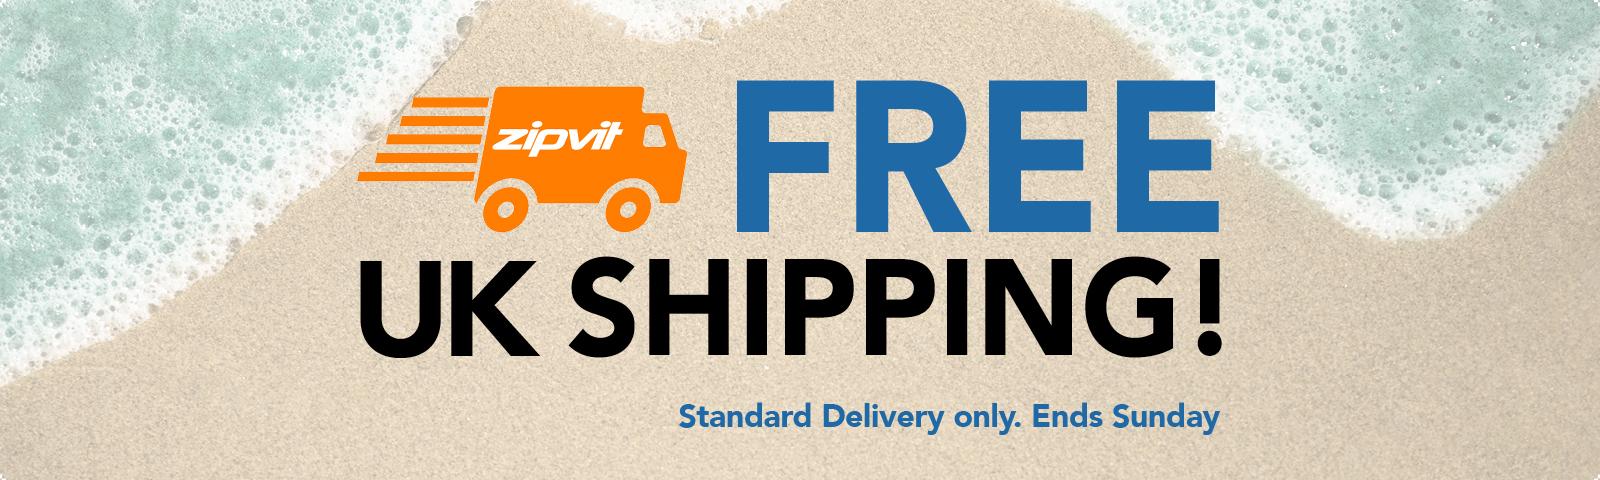 Free standard UK shipping this week